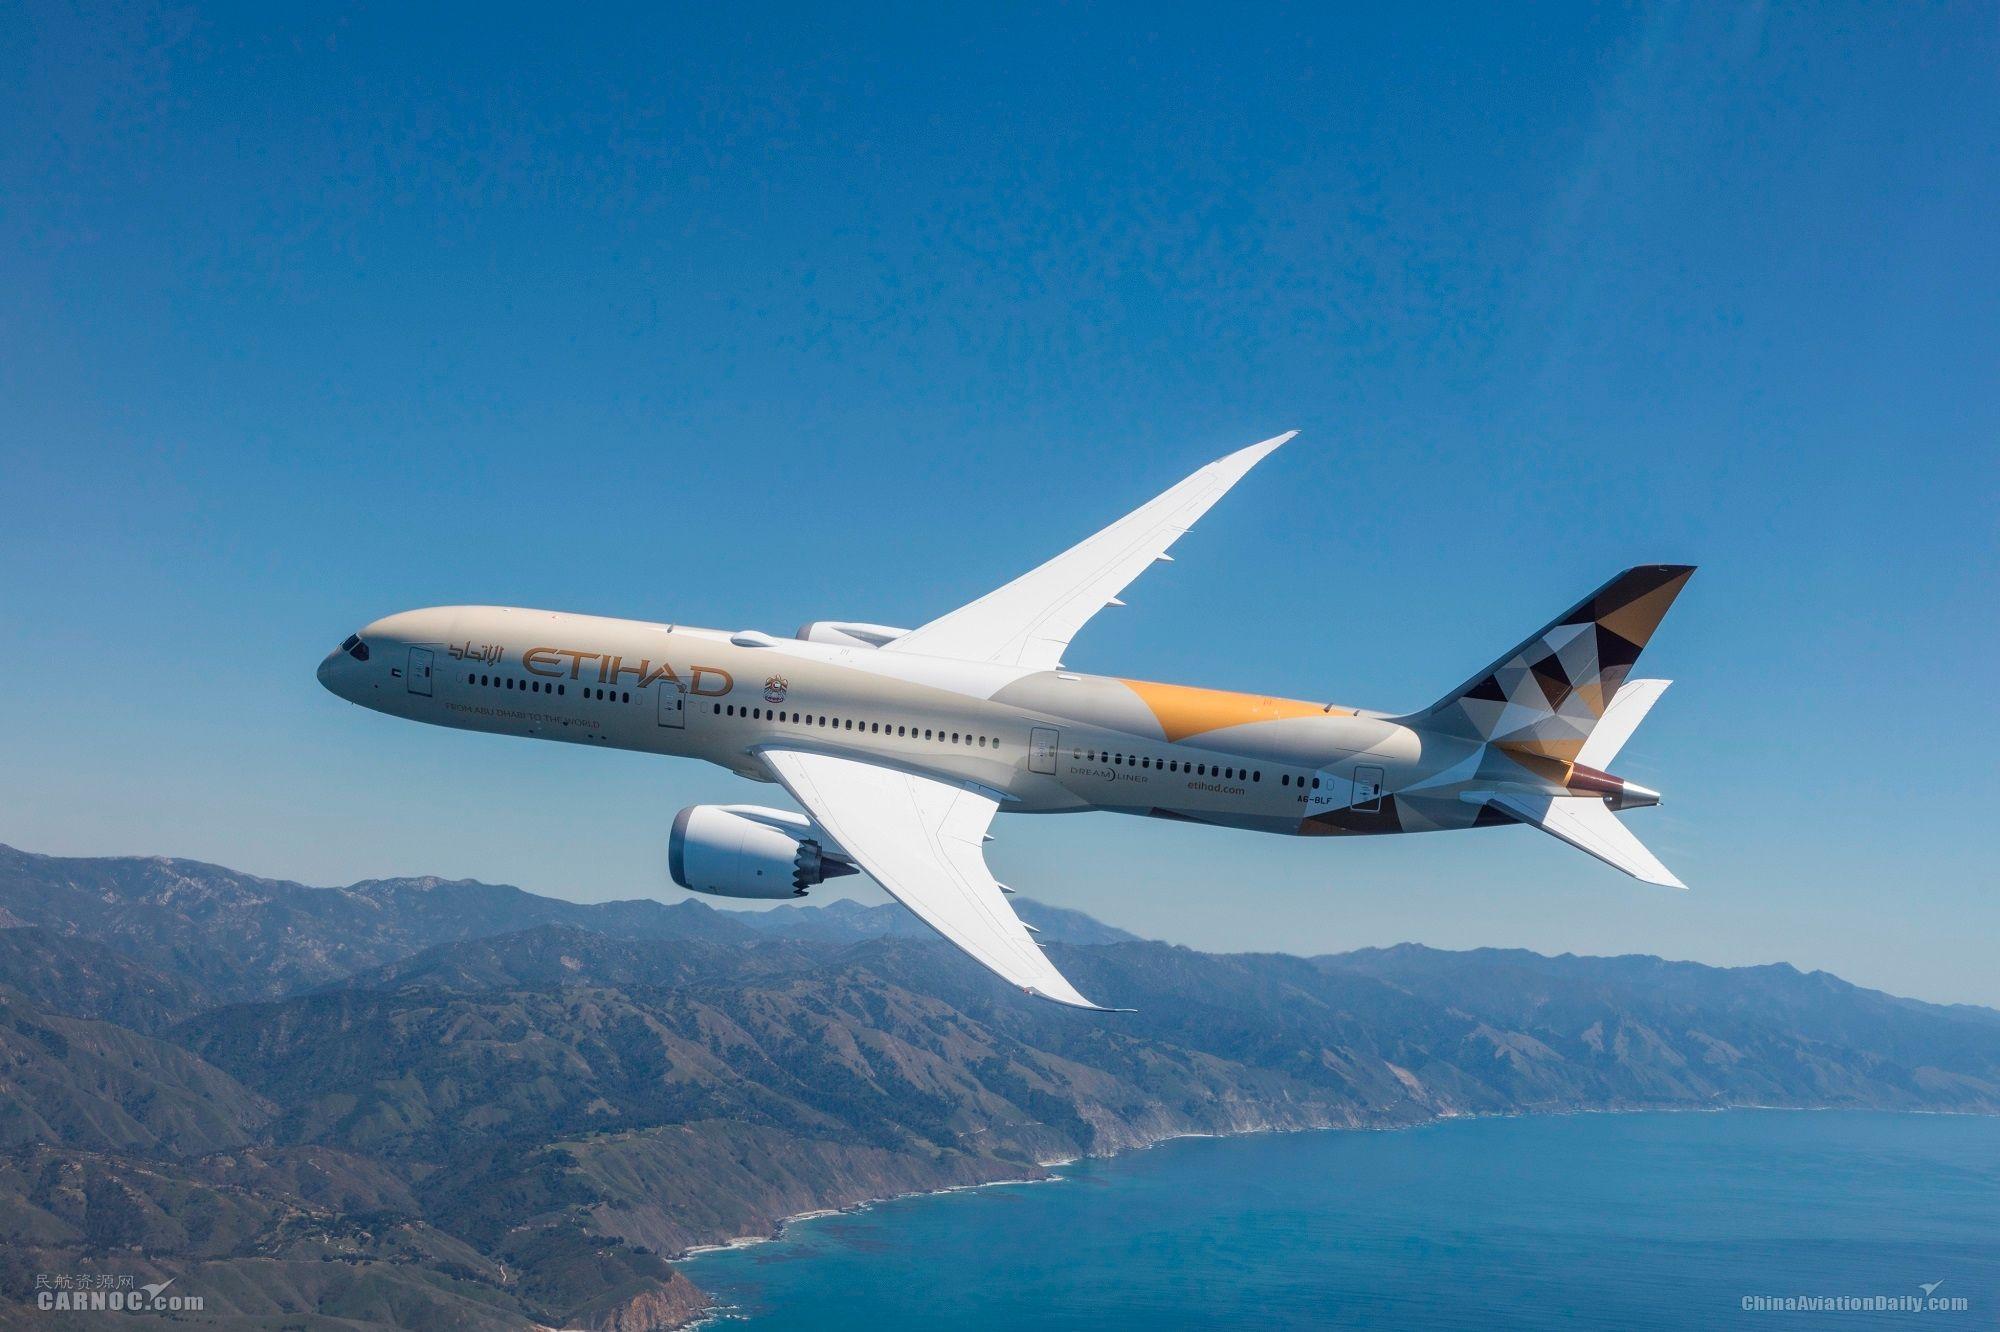 民航早报:阿提哈德航空或将加入星空联盟